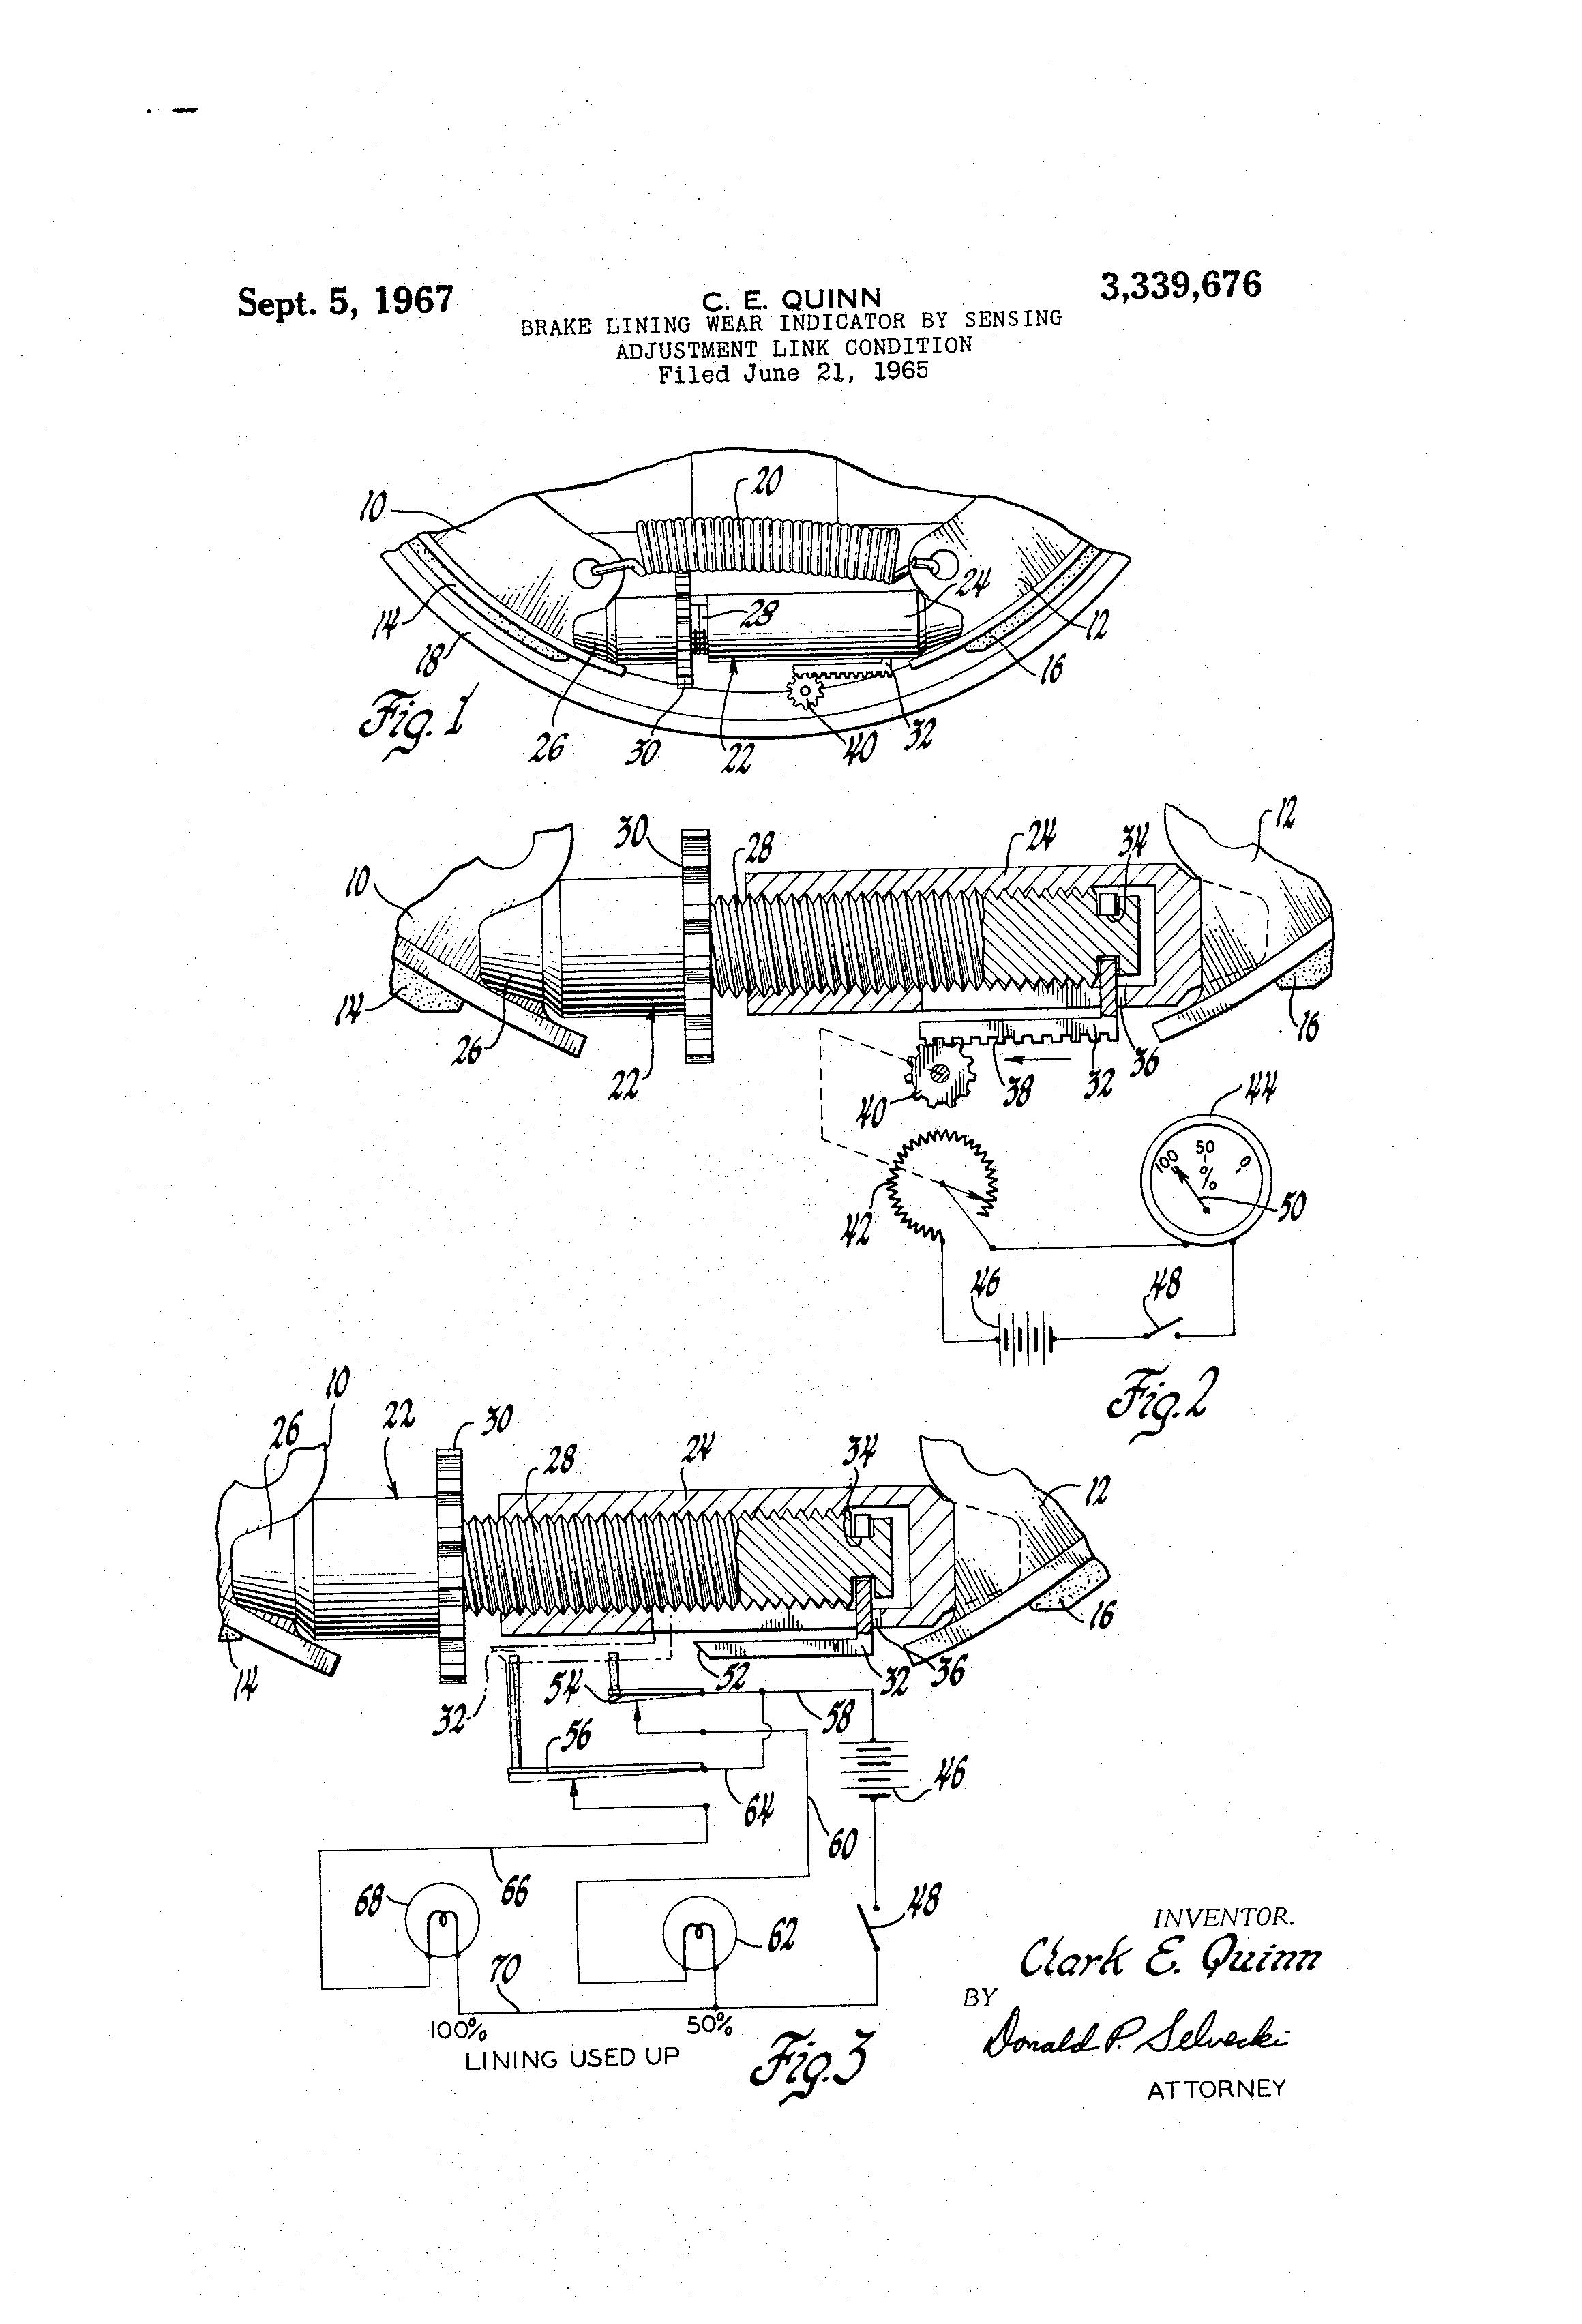 Brake Lining Draw : Patent us brake lining wear indicator by sensing